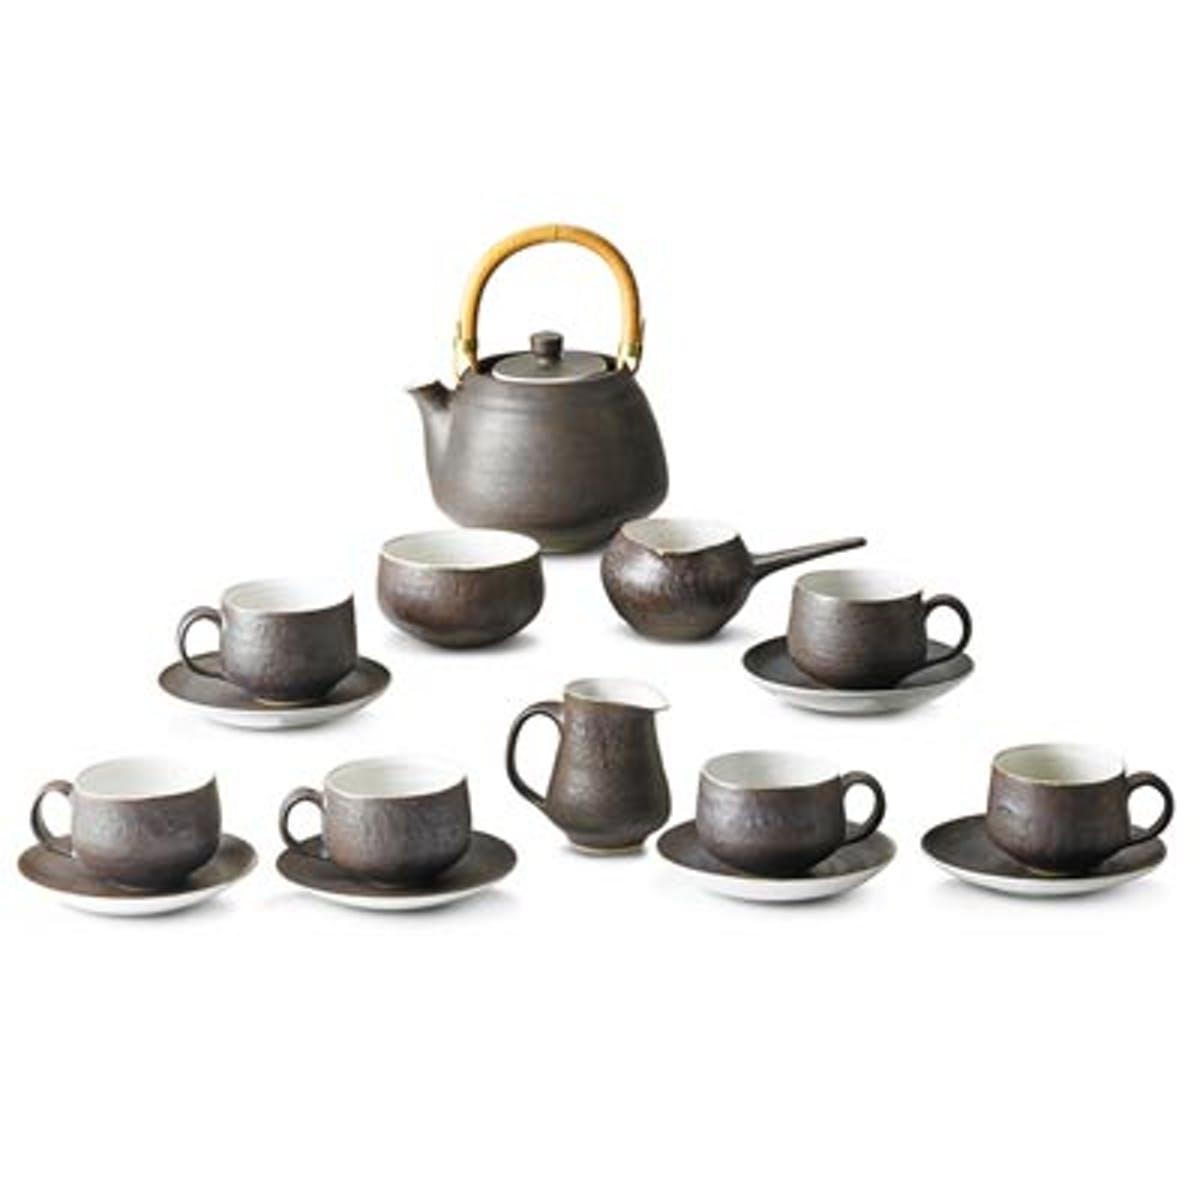 LUCIE RIE. Juego de té. Inglaterra (años 50). Imagen vía: Rago Arts